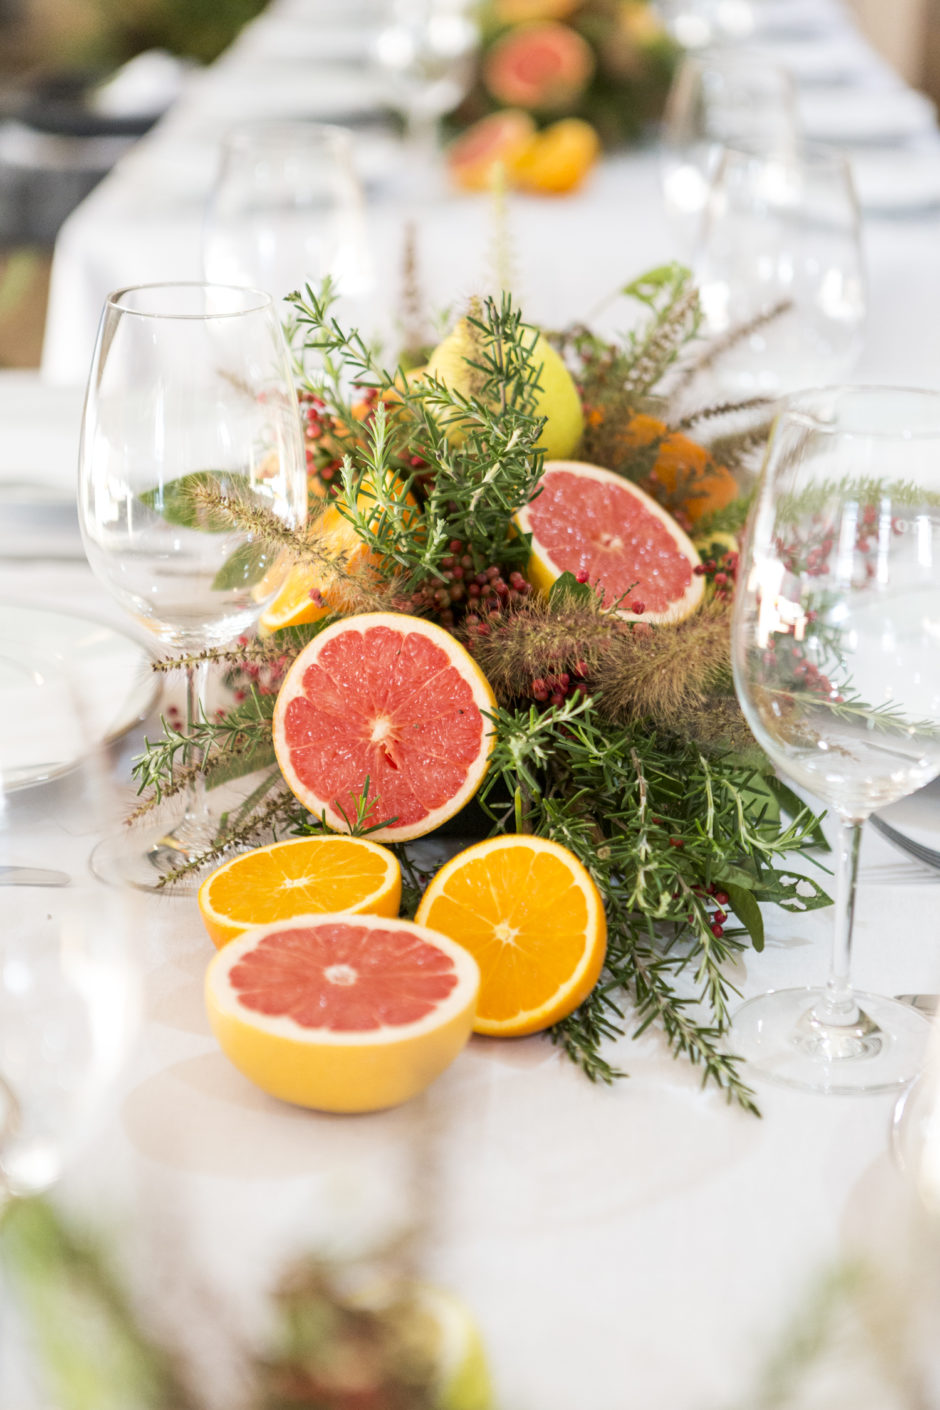 mesa posta com flores e frutas para servir churrasco de forma elegante